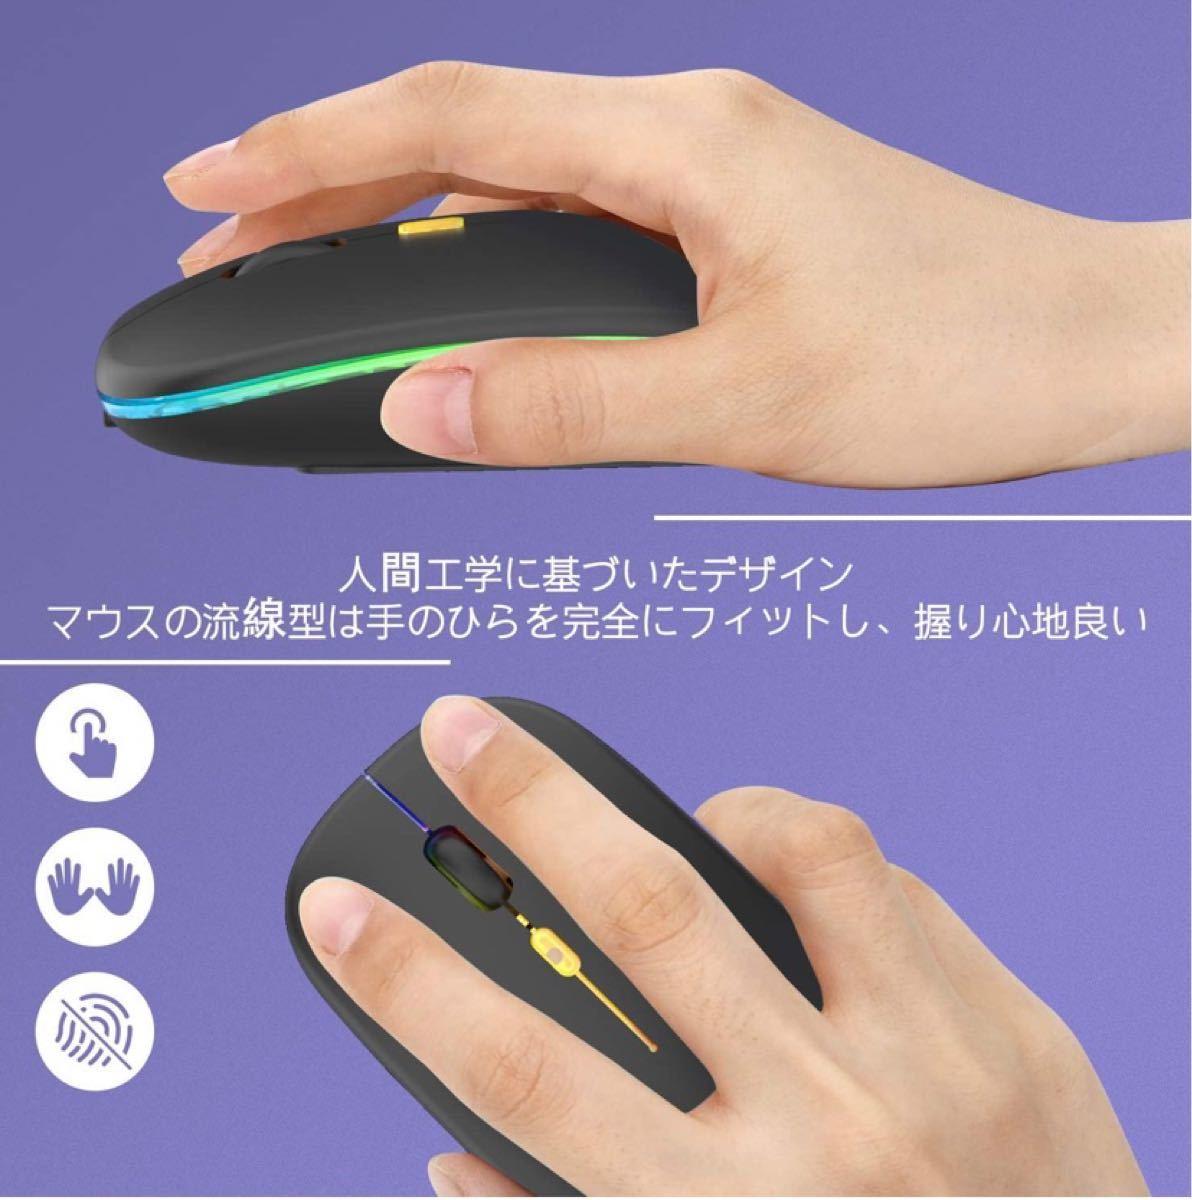 ワイヤレスマウス 7色LEDランプ充電式静音無線マウス 薄型 3DPIモード 2.4GHz 光学式 高感度type-C変換アダプタ